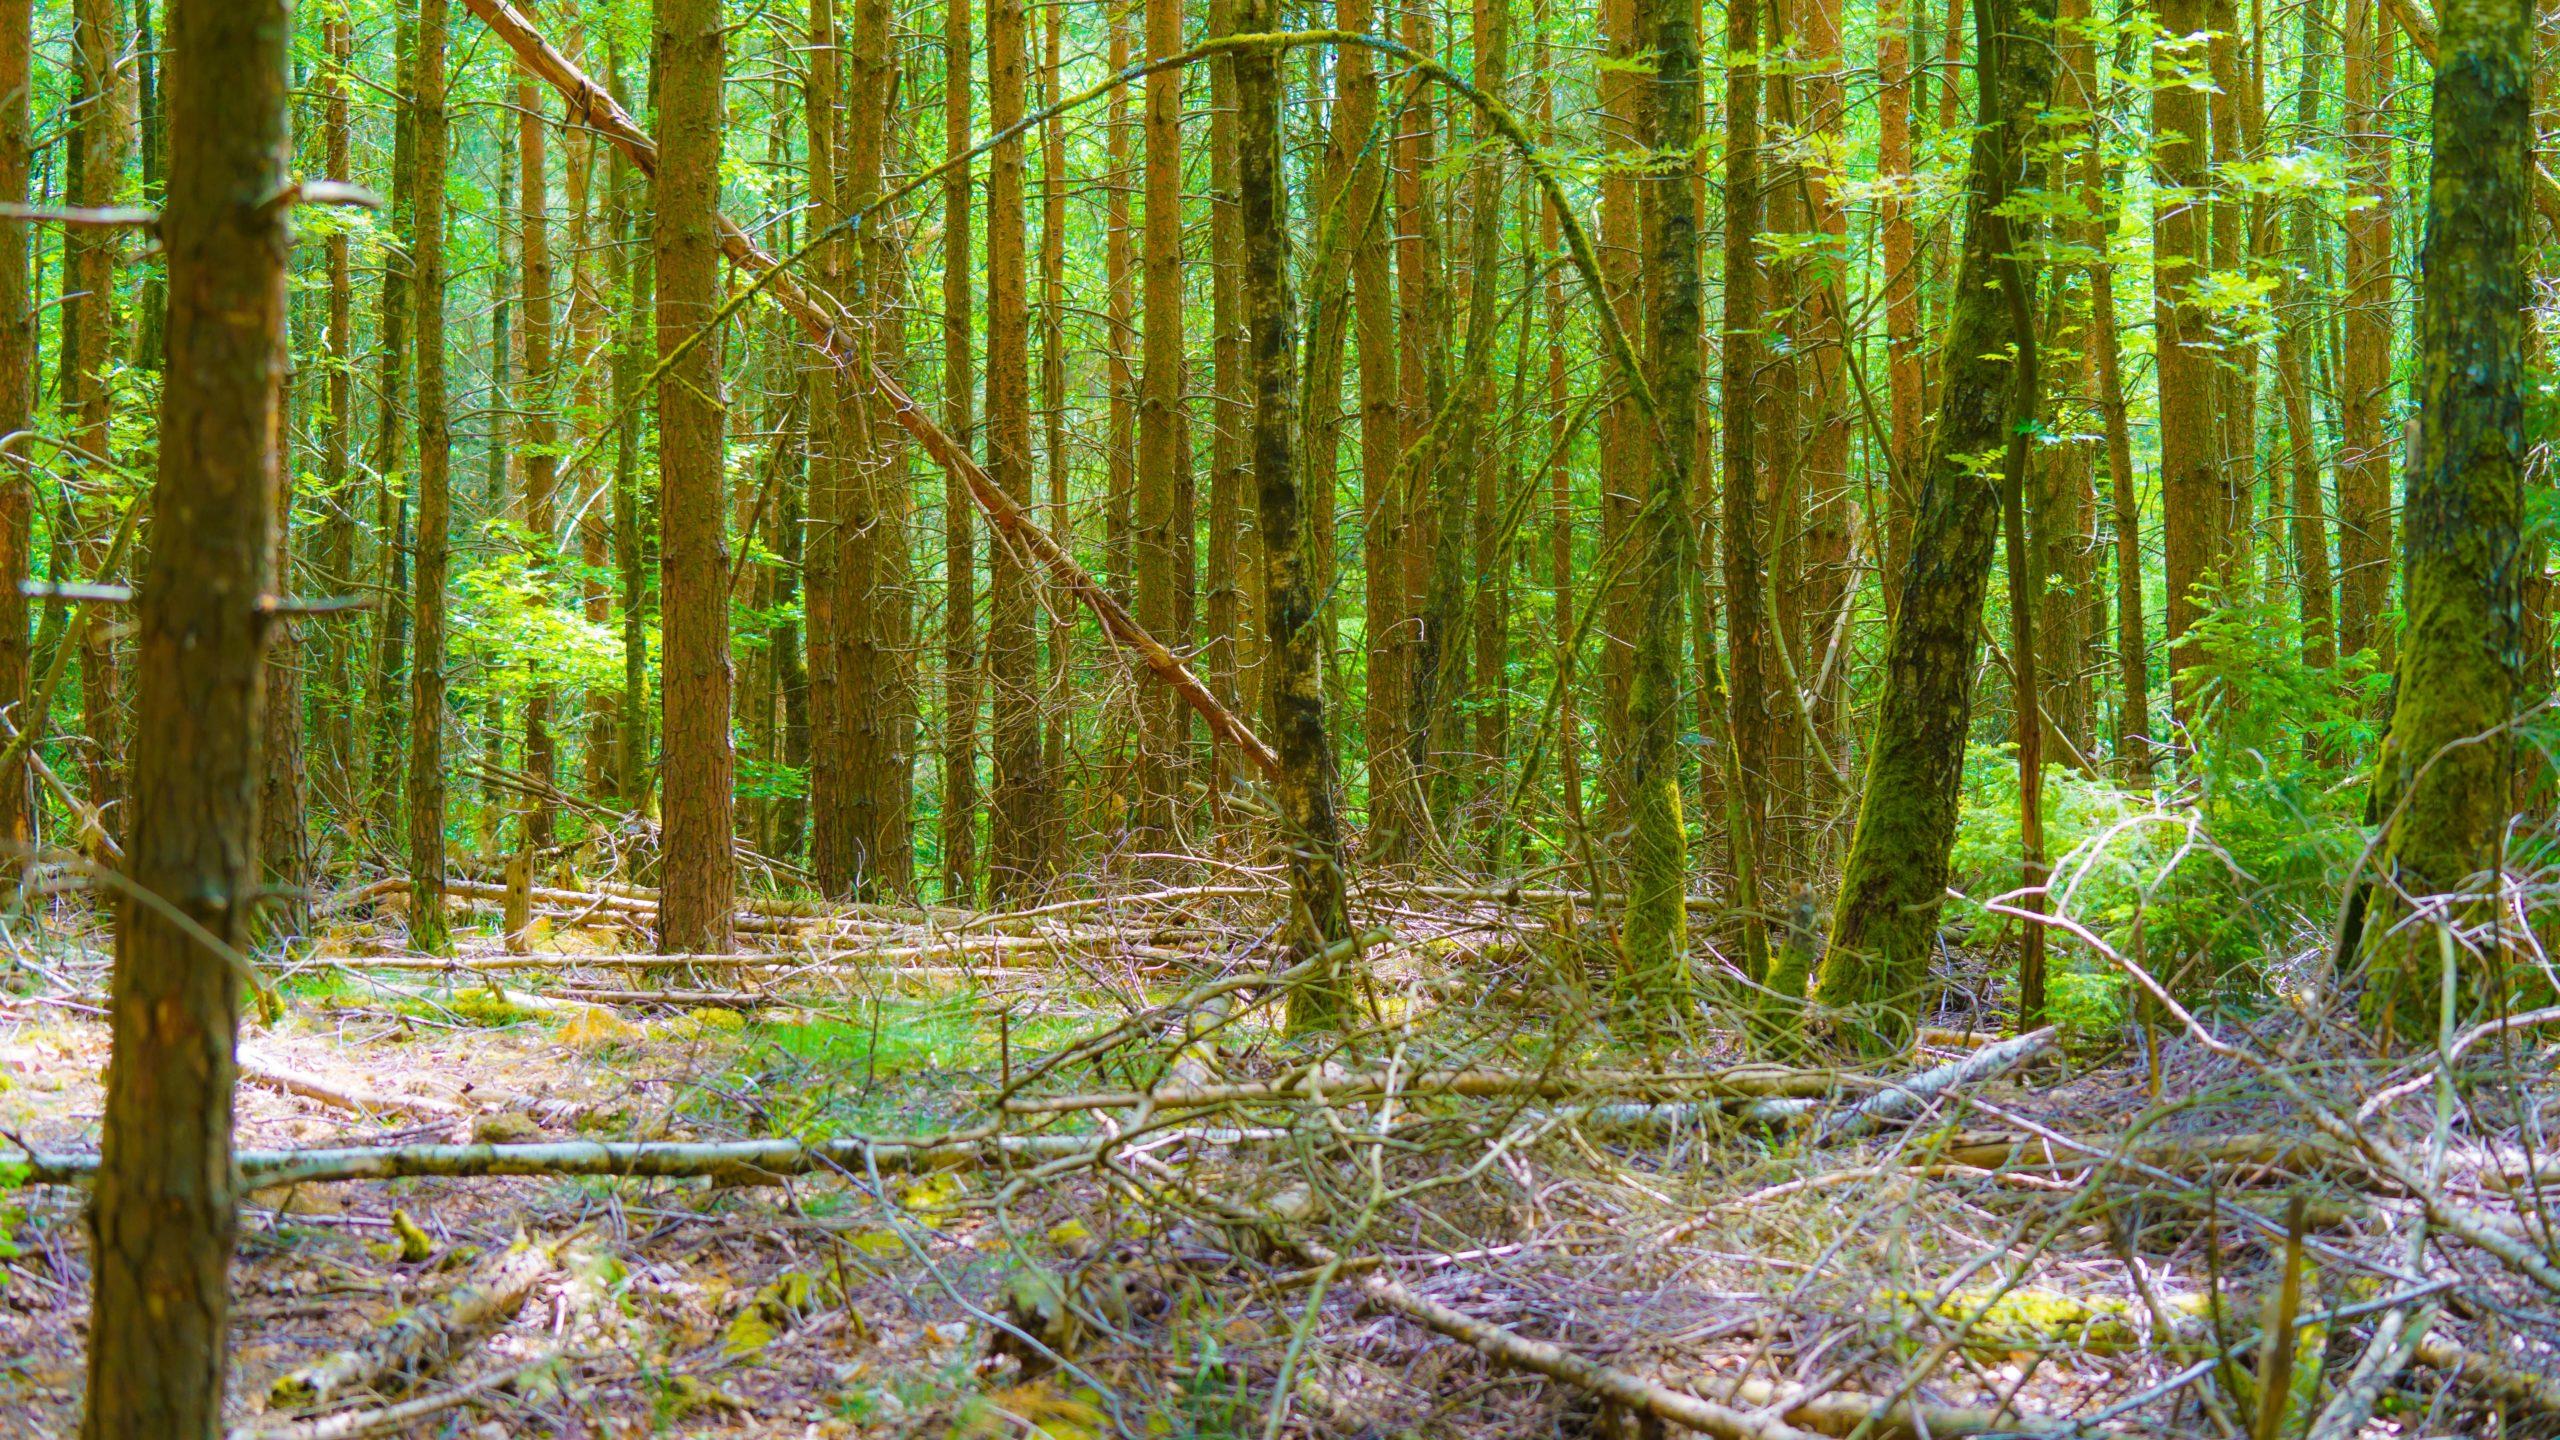 Grenzweg Gerstunger Forst, am gemeinsamen Weg